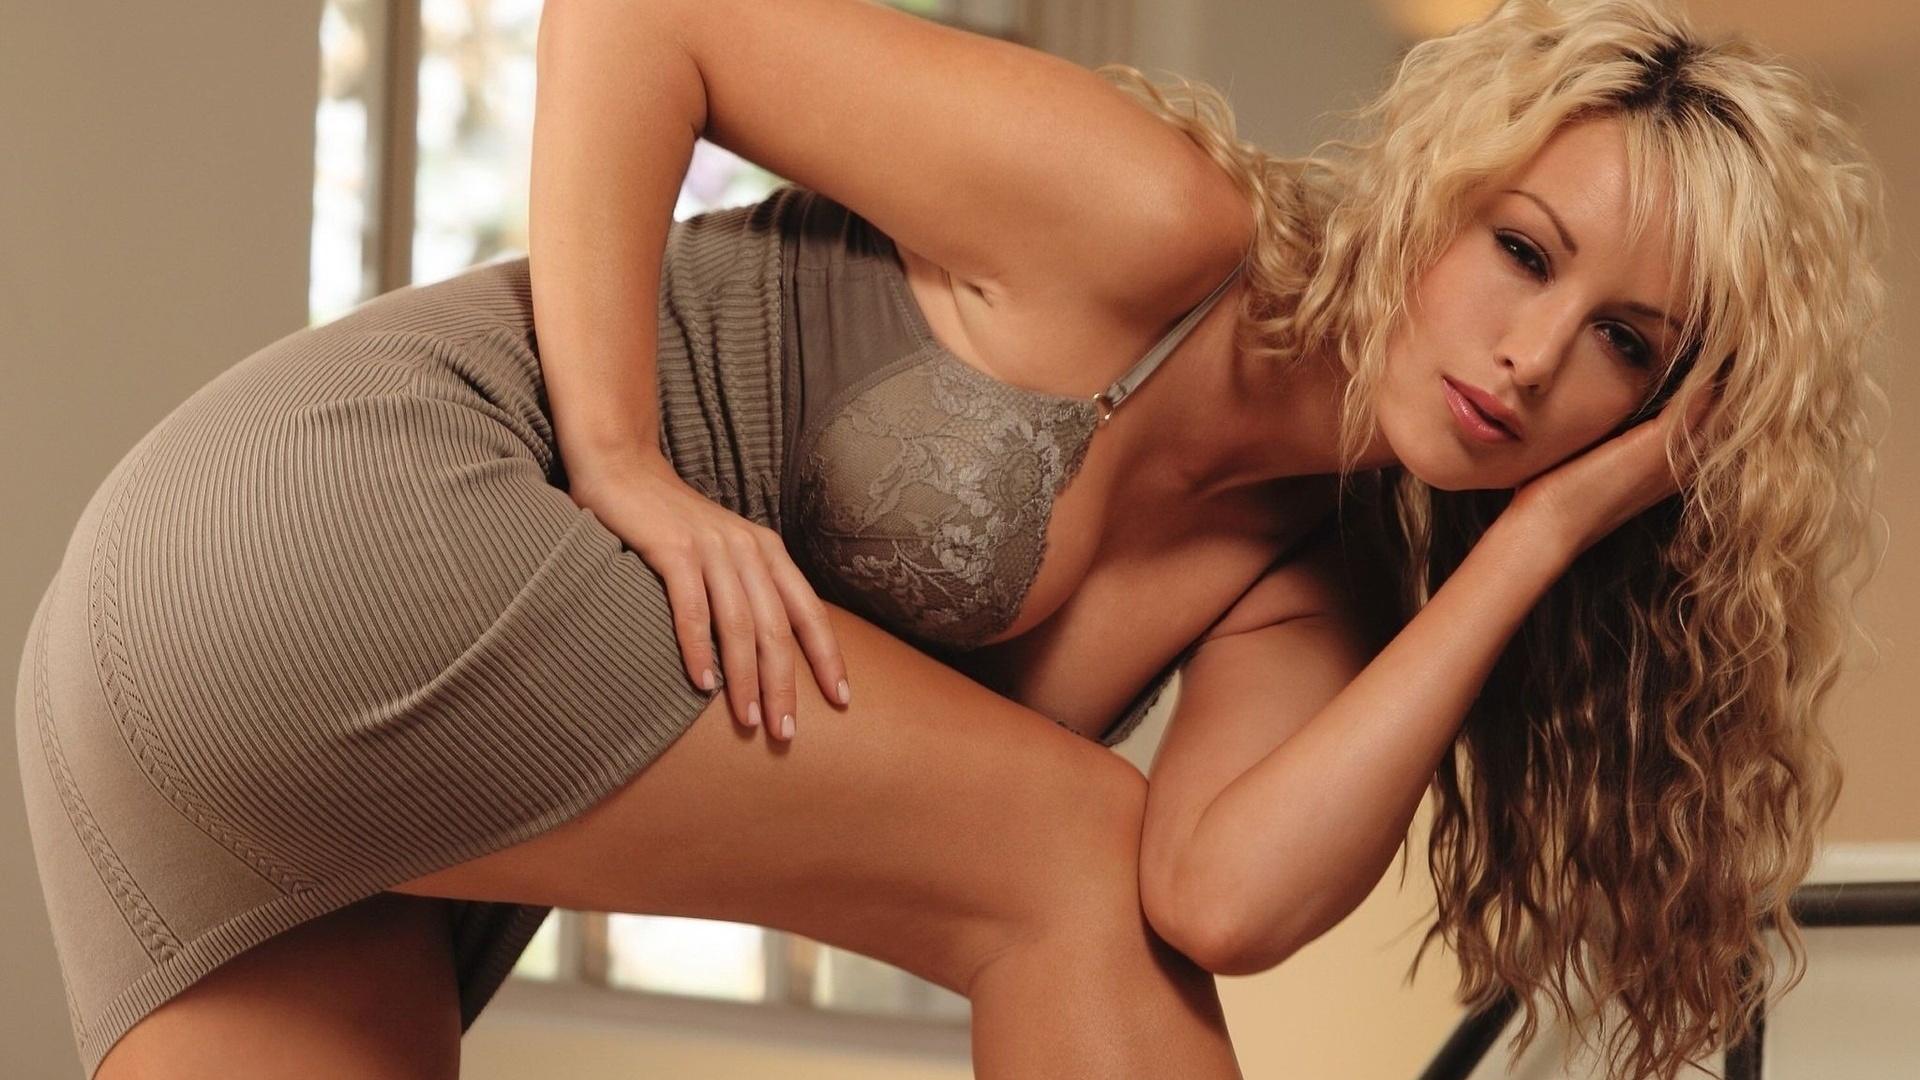 Сексуальные блондинки смотреть фото — 3